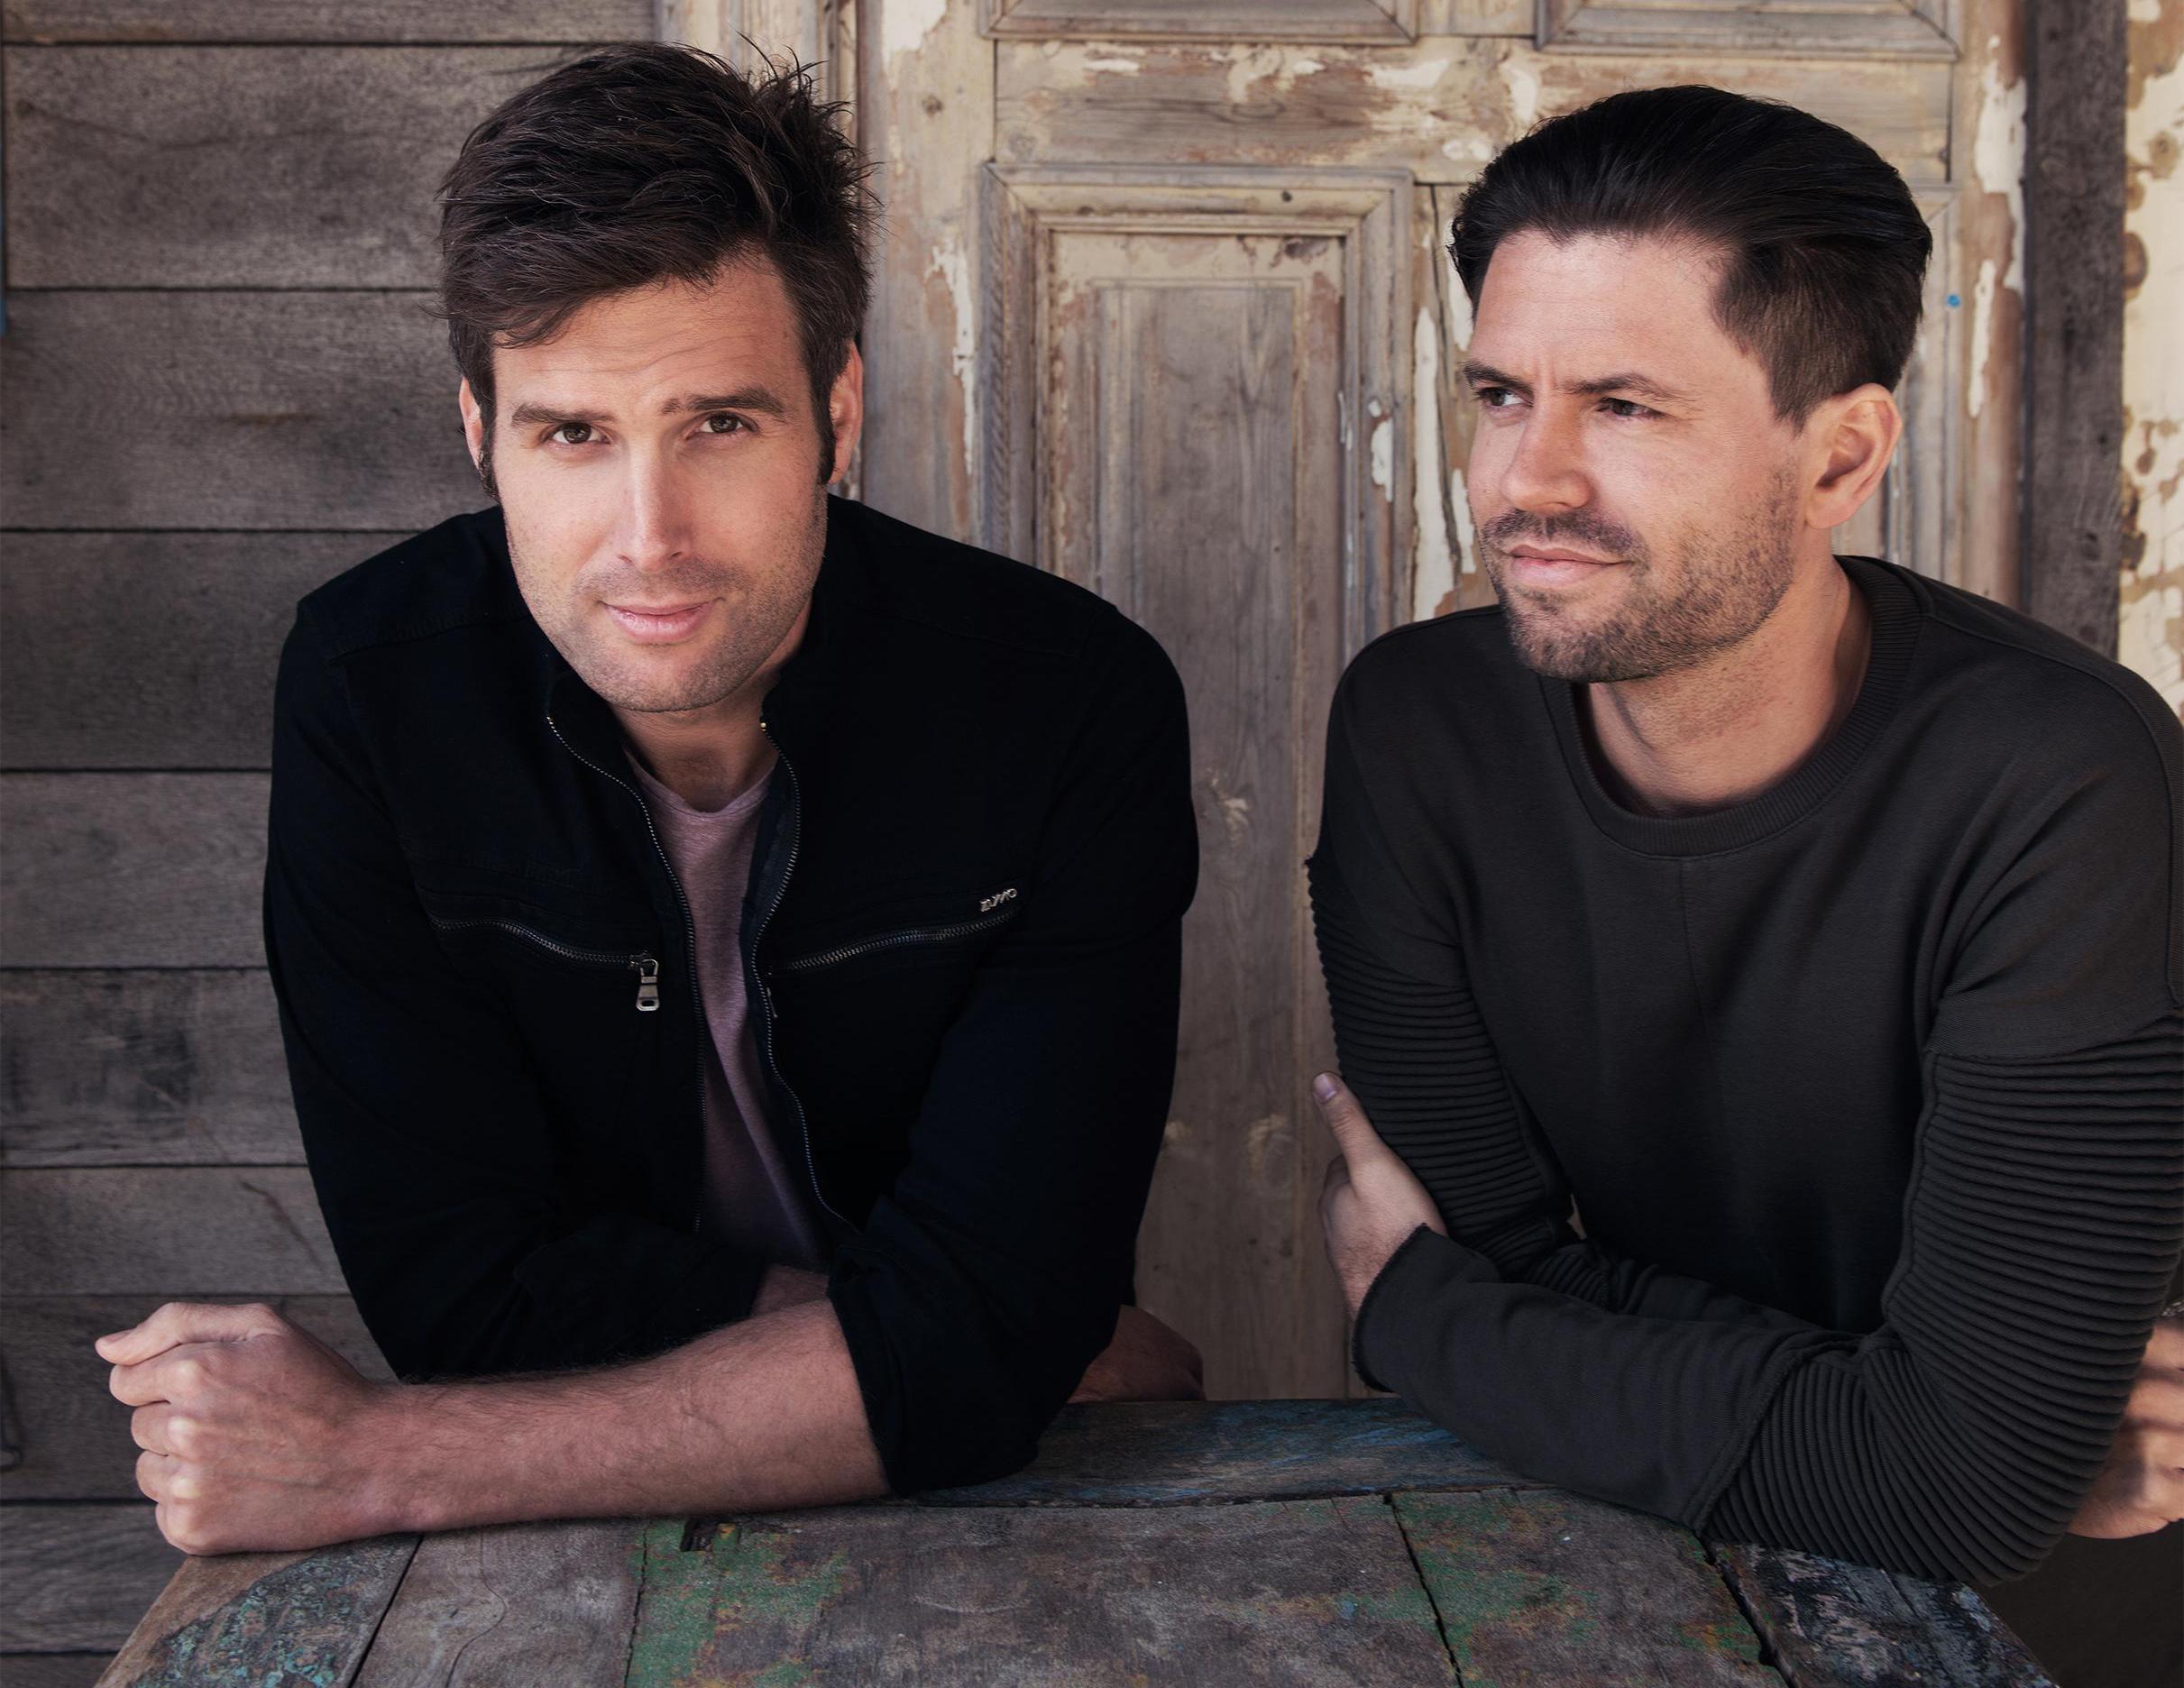 Nick & Simon vinden muziek een reddingsboei in deze coronatijd; 'Muziek opent je hart in deze lastige tijden'